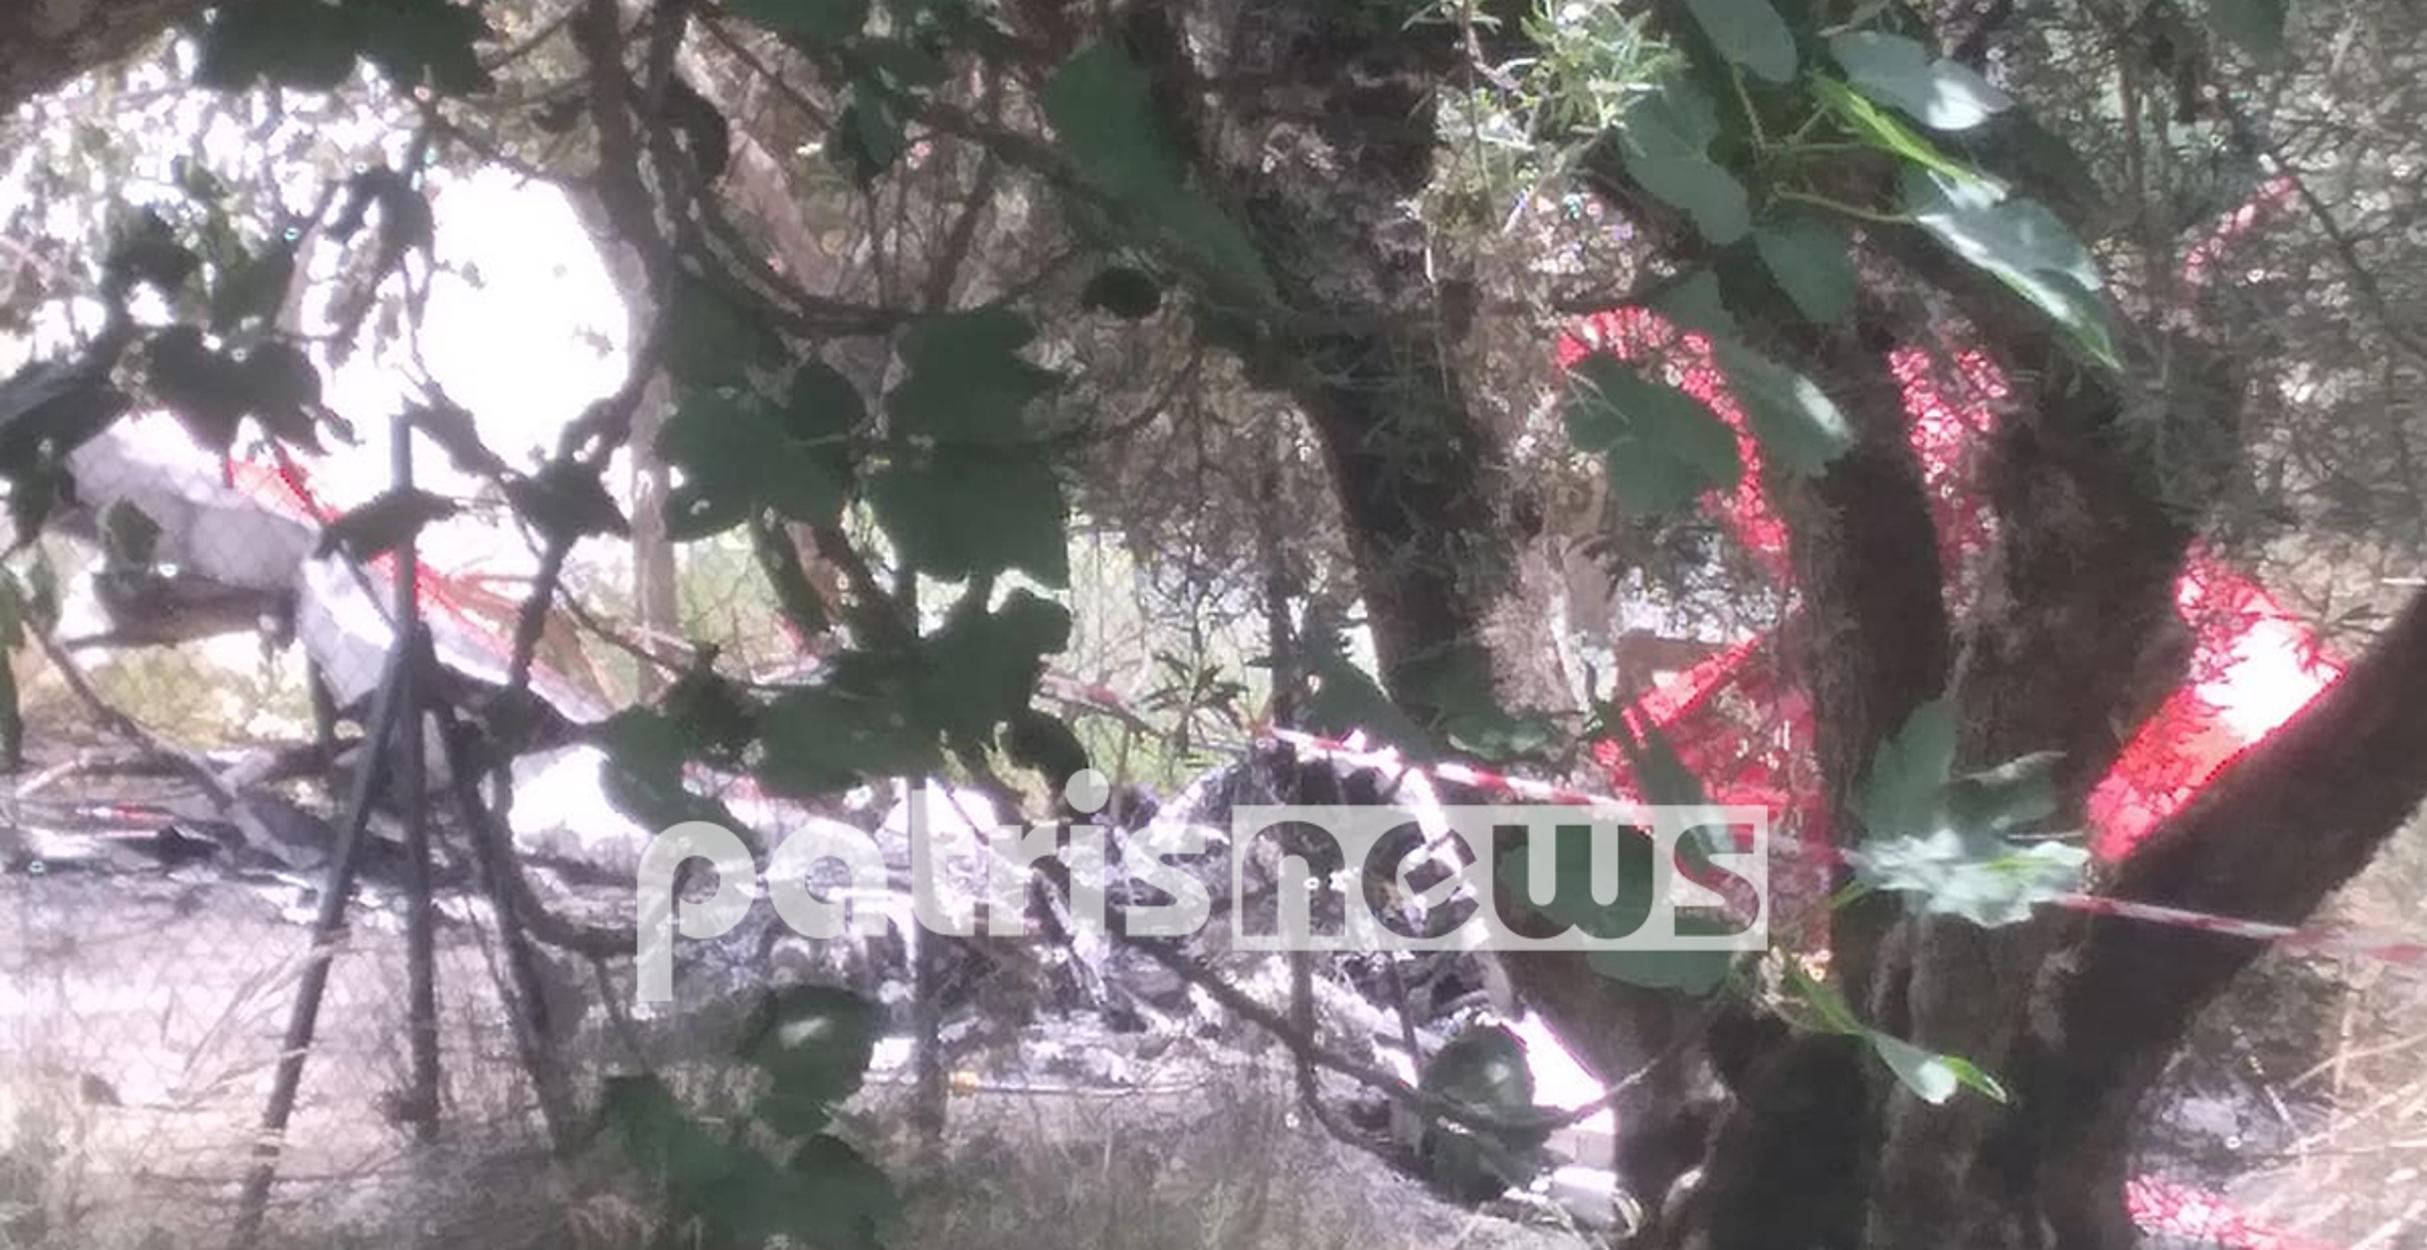 Πύργος: Κλιμάκιο της Πολιτικής Αεροπορίας στην Χαριά για να ερευνήσει τα αίτια της τραγωδίας (pics,video)